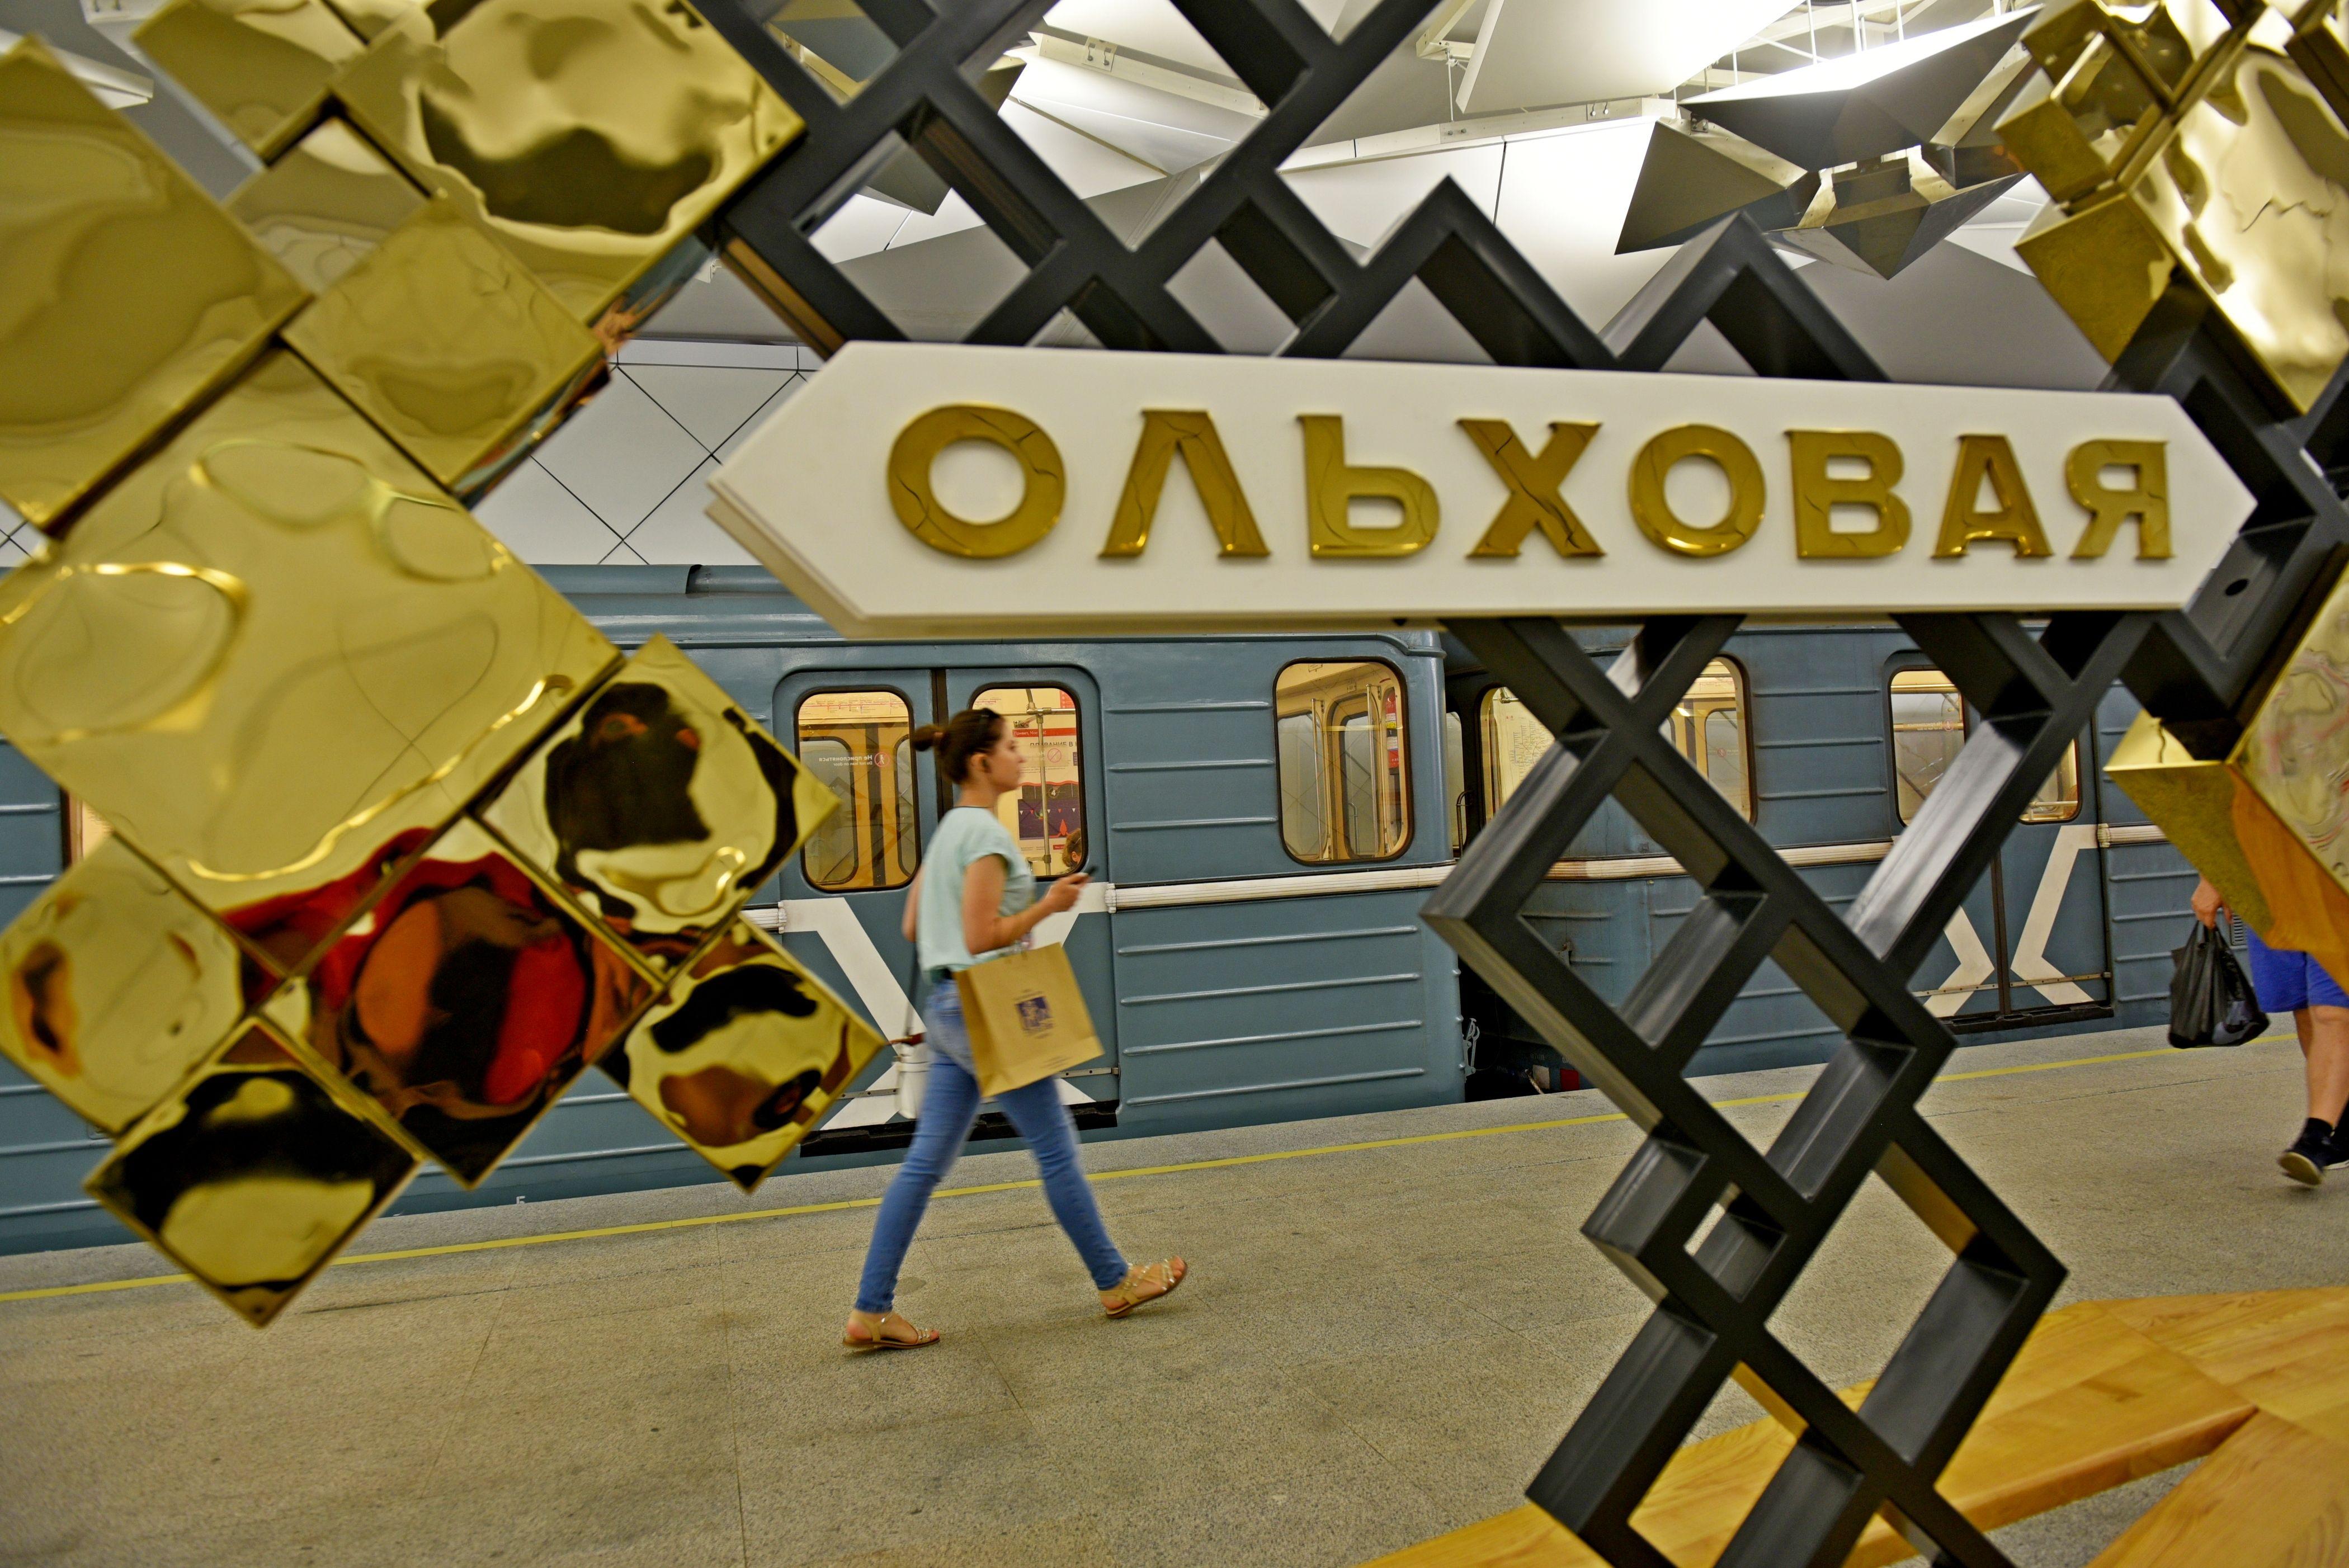 Метро Москвы закроет южный участок красной линии на три дня